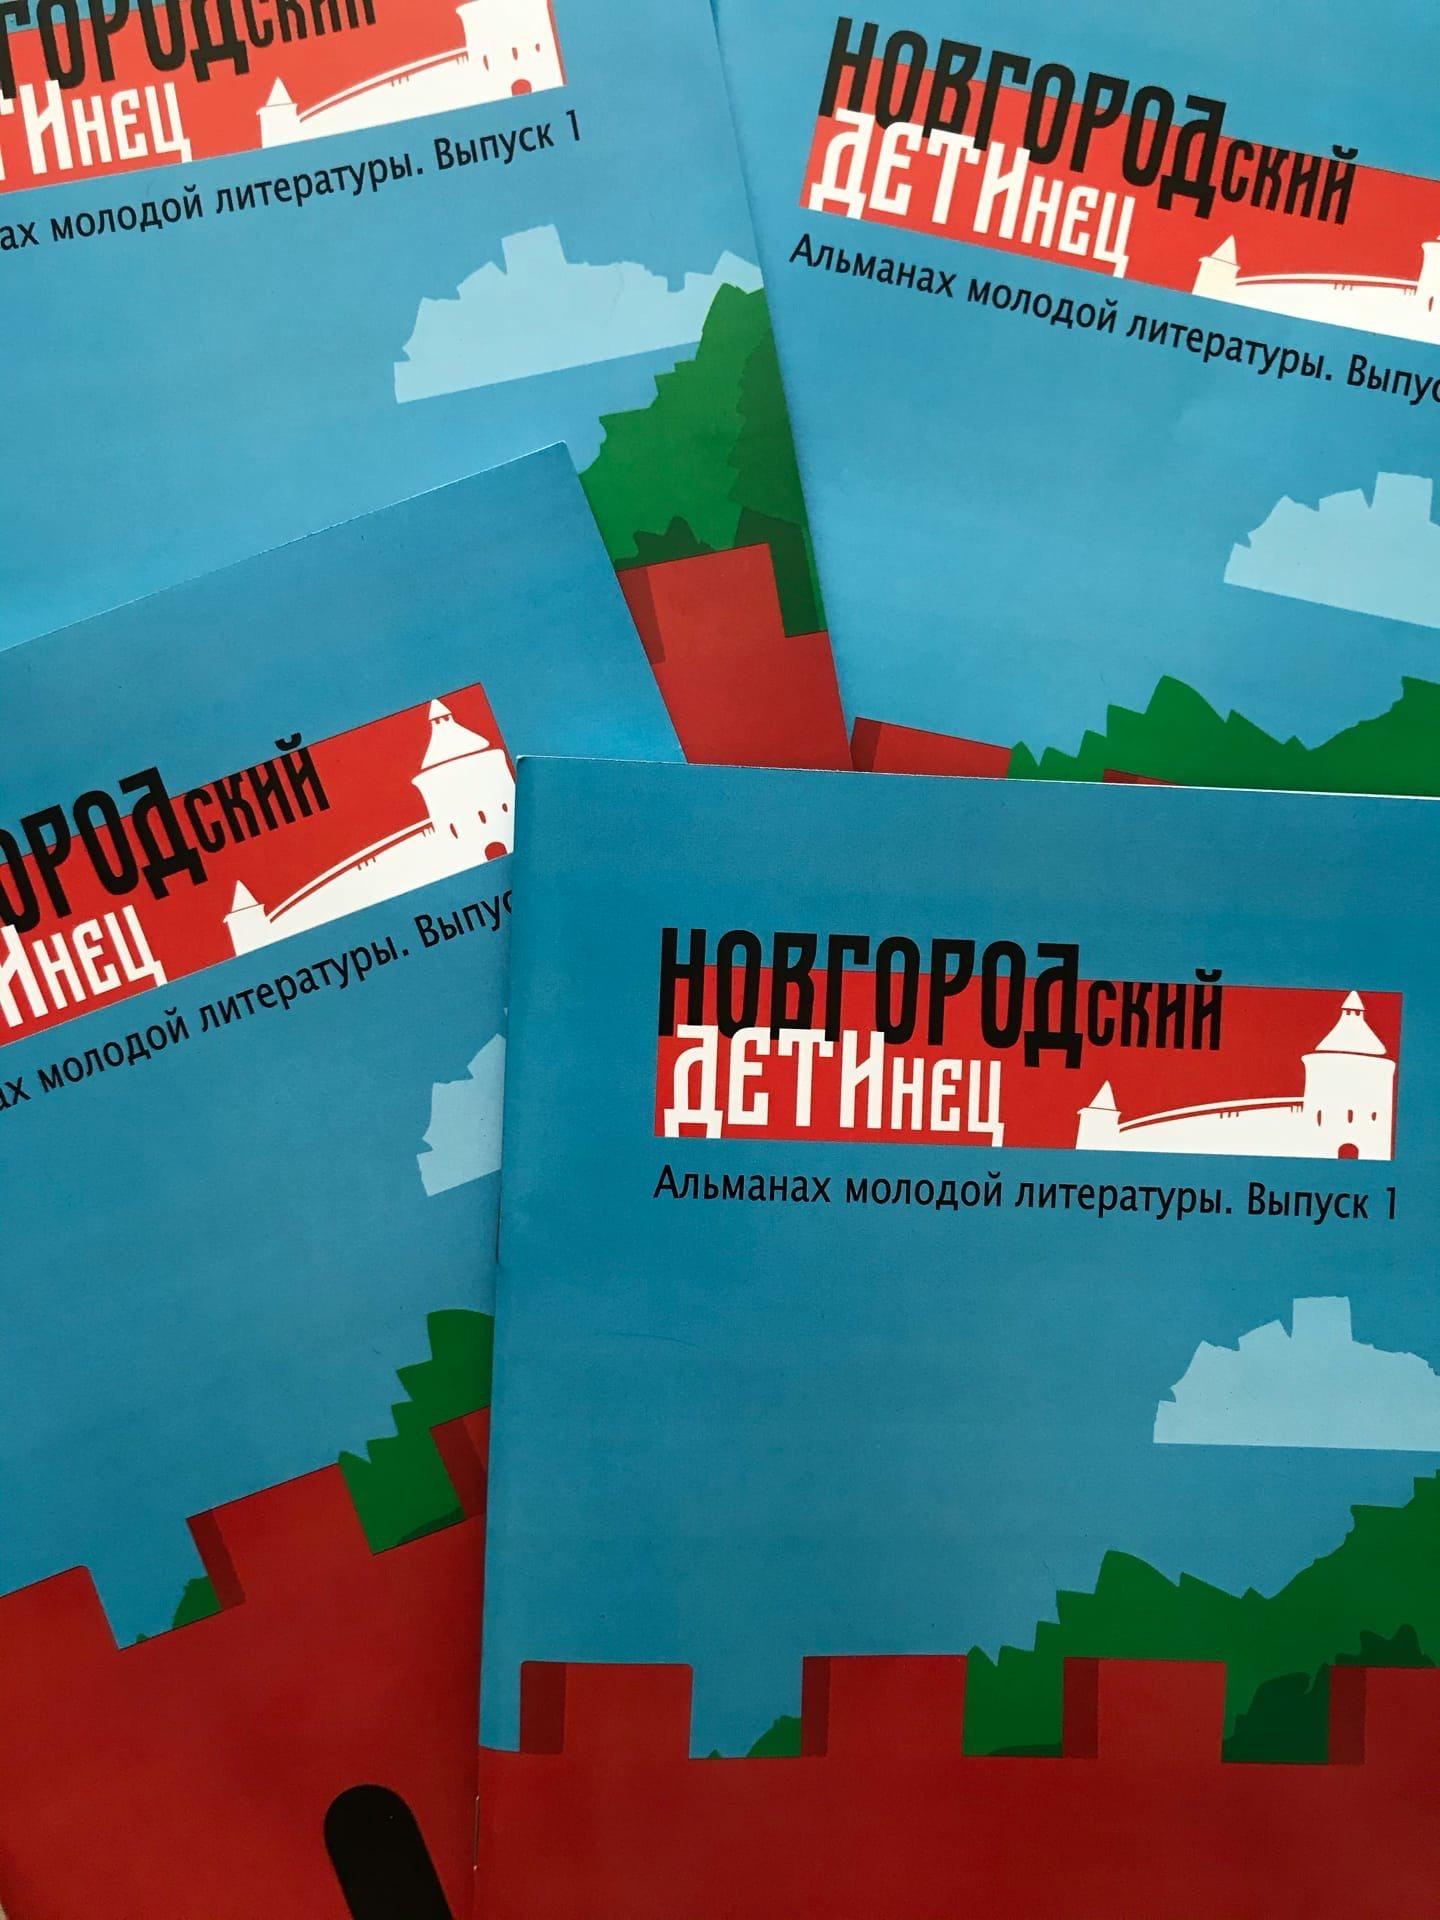 Состоялась презентация первого выпуска альманаха «НОВГОРОДский ДЕТИнец»